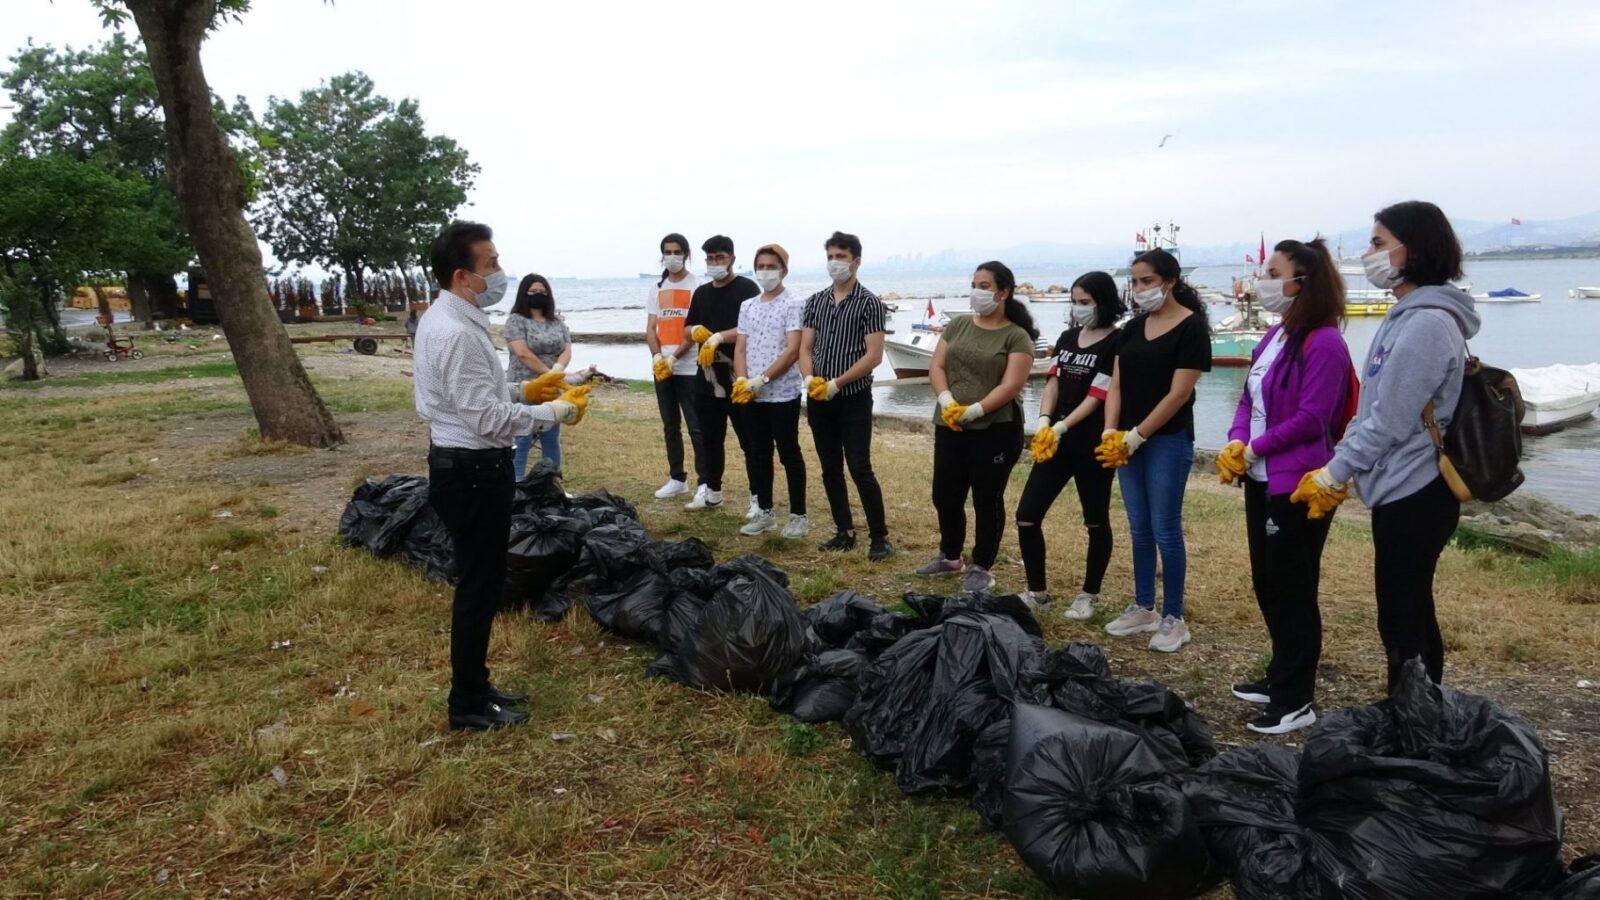 Tuzla Belediye Başkanı Şadi Yazıcı çevreci gençlerle sahilde 2 kamyon atık topladı 2